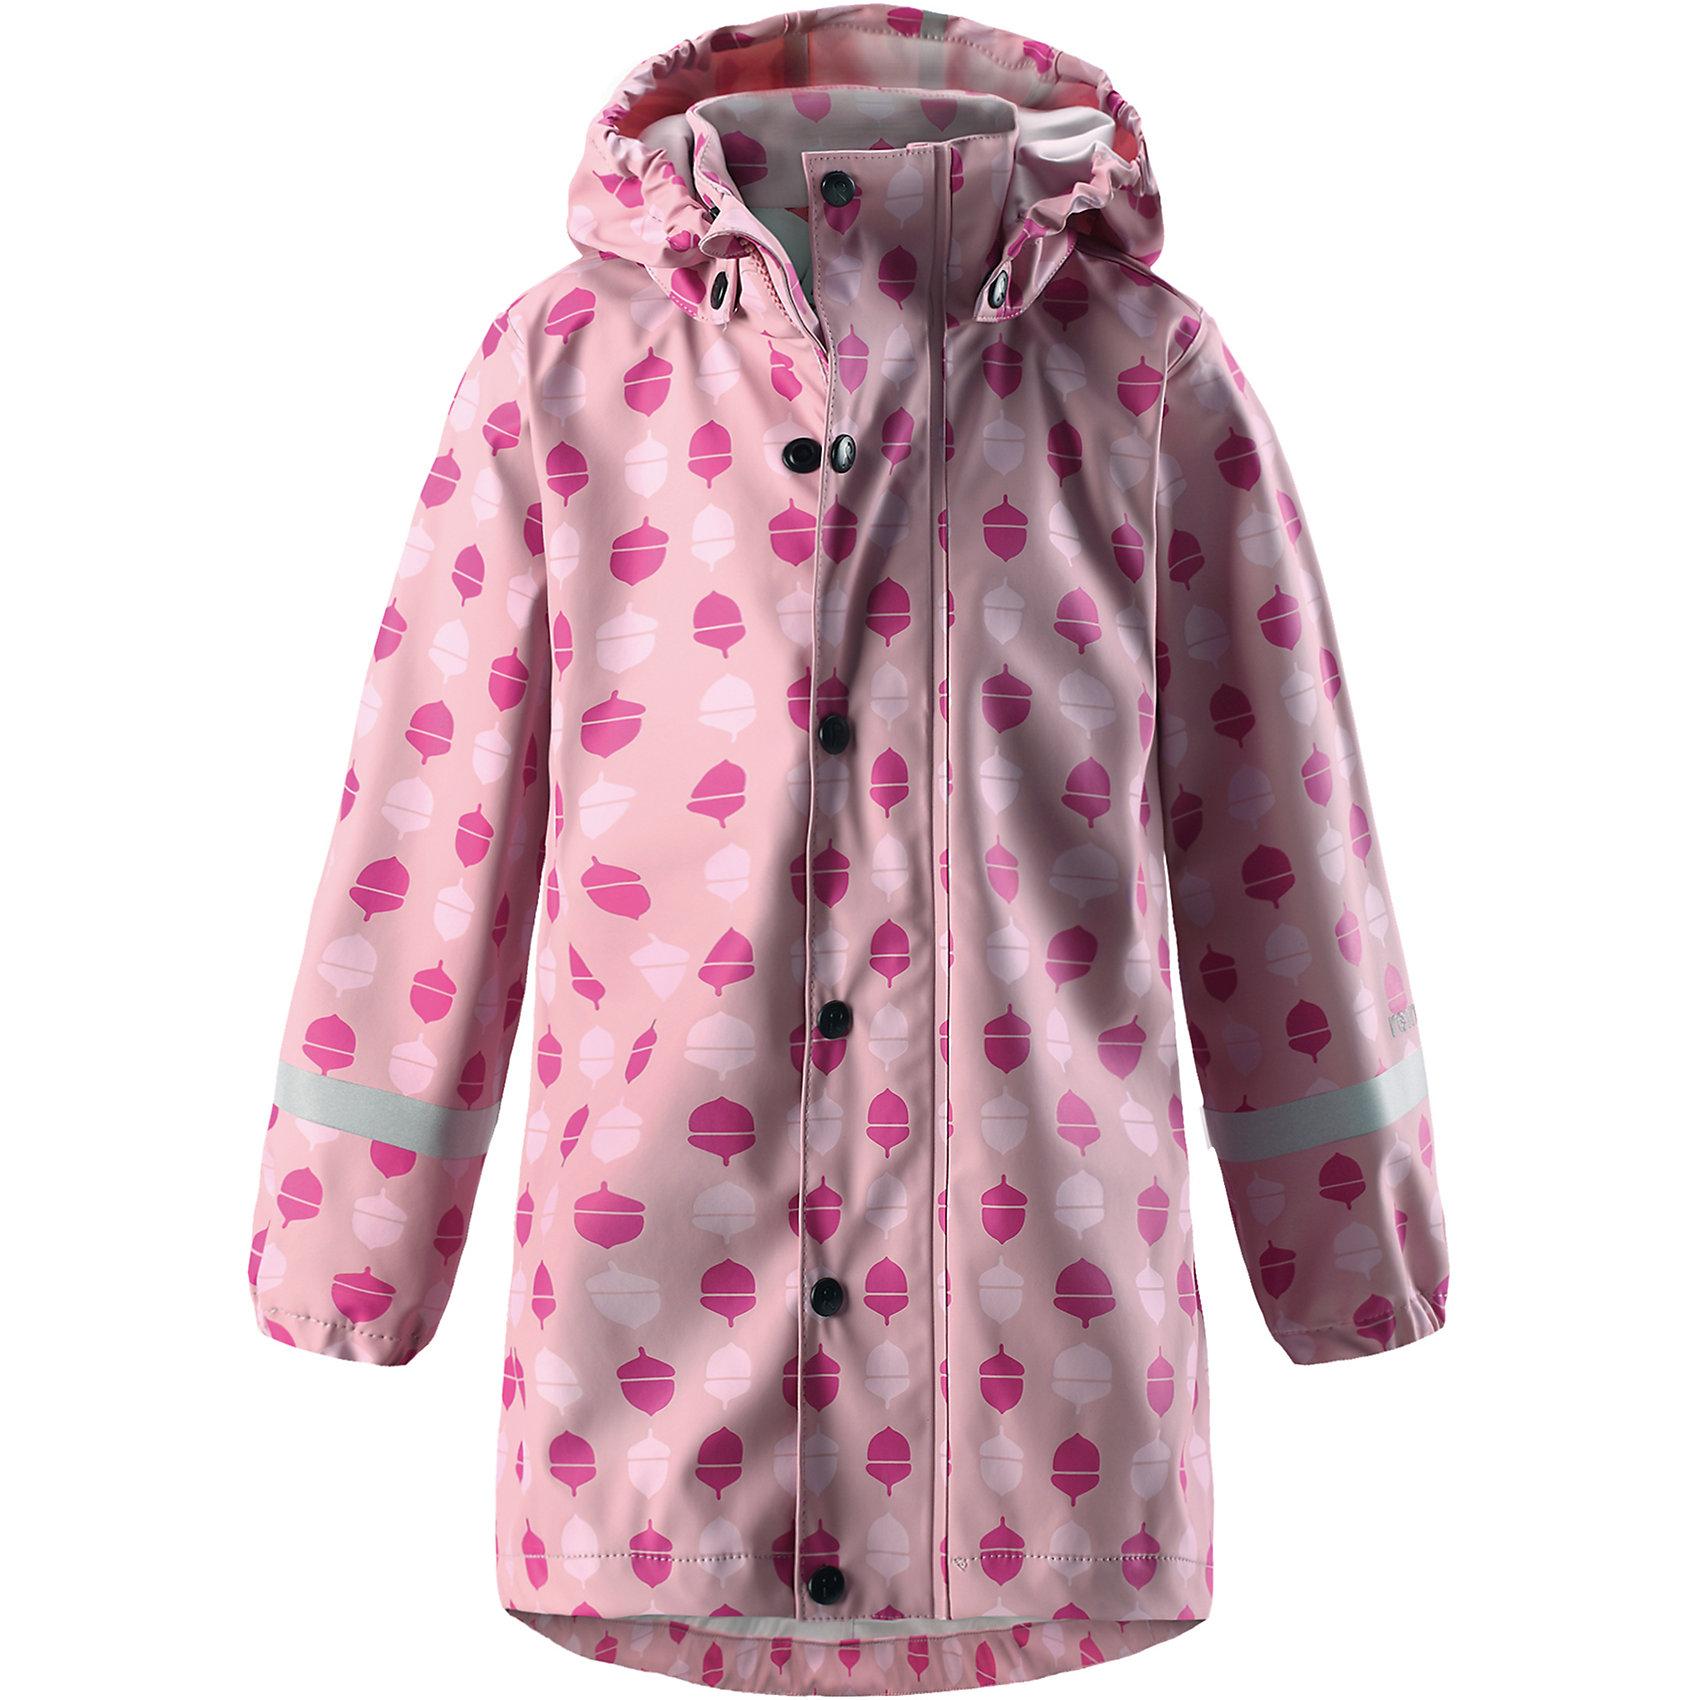 Плащ-дождевик Vatten Reima для девочкиОдежда<br>НОВОЕ ПОСТУПЛЕНИЕ! Детская куртка-дождевик изготовлена из удобного, эластичного материала, не содержащего ПВХ. Швы запаяны и абсолютно водонепроницаемы. Новый трапециевидный силуэт с удлиненной спинкой обеспечивает эффективную защиту от дождя. Куртка-дождевик не деревенеет на морозе, поэтому ее можно носить круглый год – просто добавьте в холодную погоду теплый промежуточный слой. Съемный капюшон защитит даже от ливня, при этом он безопасен во время прогулок в дождливый день. Молния спереди во всю длину и множество светоотражающих деталей. Слышите? Это дождик зовет нас танцевать!<br>Состав:<br>100% Полиэстер<br><br>Ширина мм: 356<br>Глубина мм: 10<br>Высота мм: 245<br>Вес г: 519<br>Цвет: розовый<br>Возраст от месяцев: 108<br>Возраст до месяцев: 120<br>Пол: Женский<br>Возраст: Детский<br>Размер: 140,104,110,116,122,128,134<br>SKU: 6907712